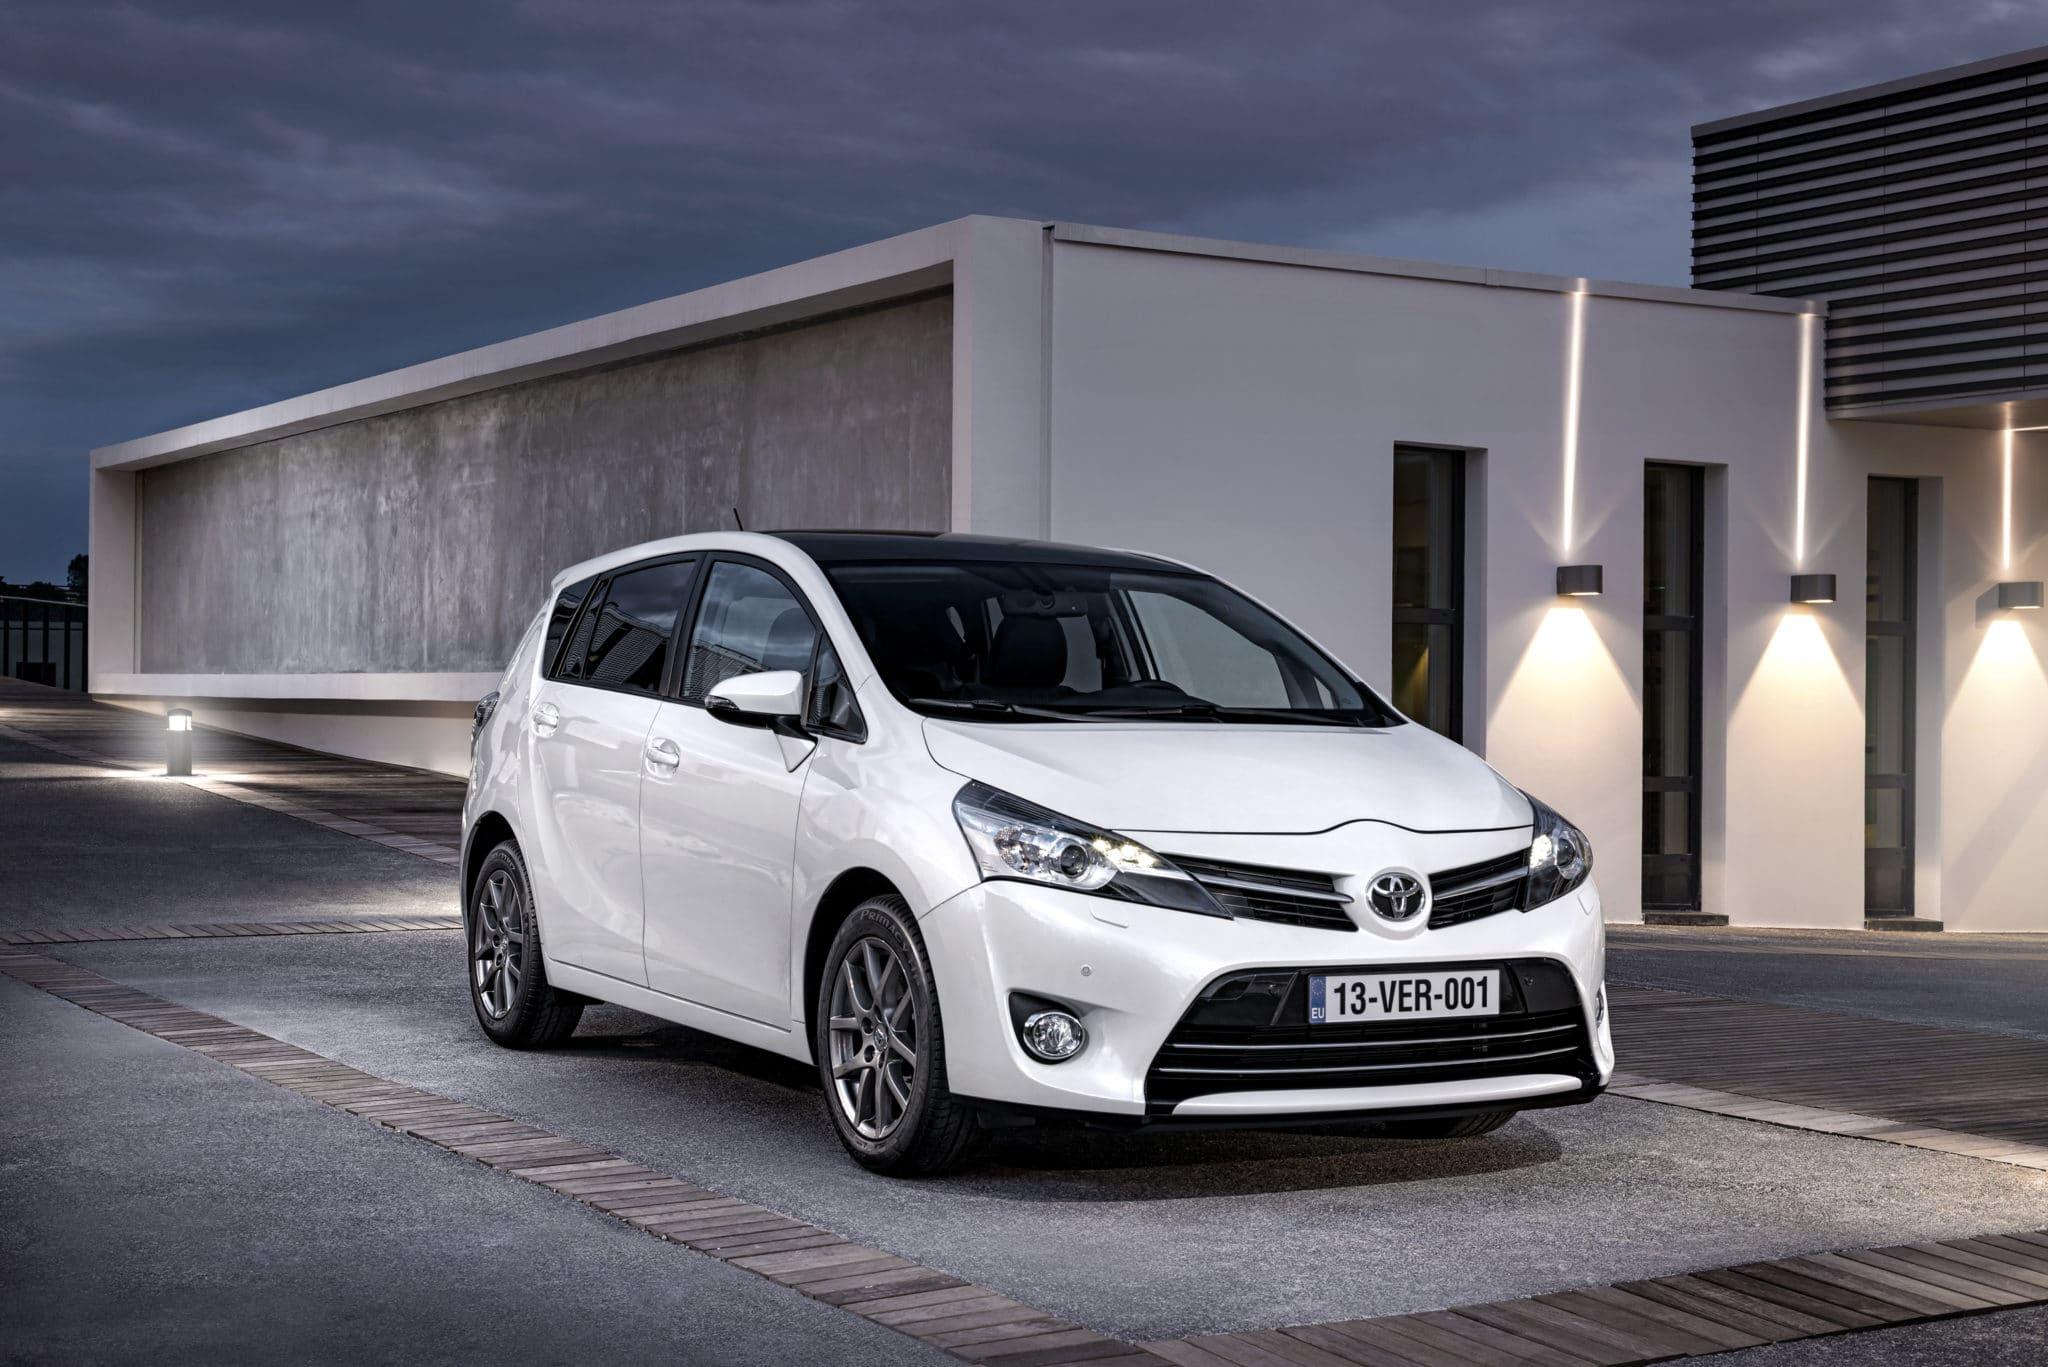 Nuova Toyota Verso: la casa giapponese presenta una versione più capiente e versatile